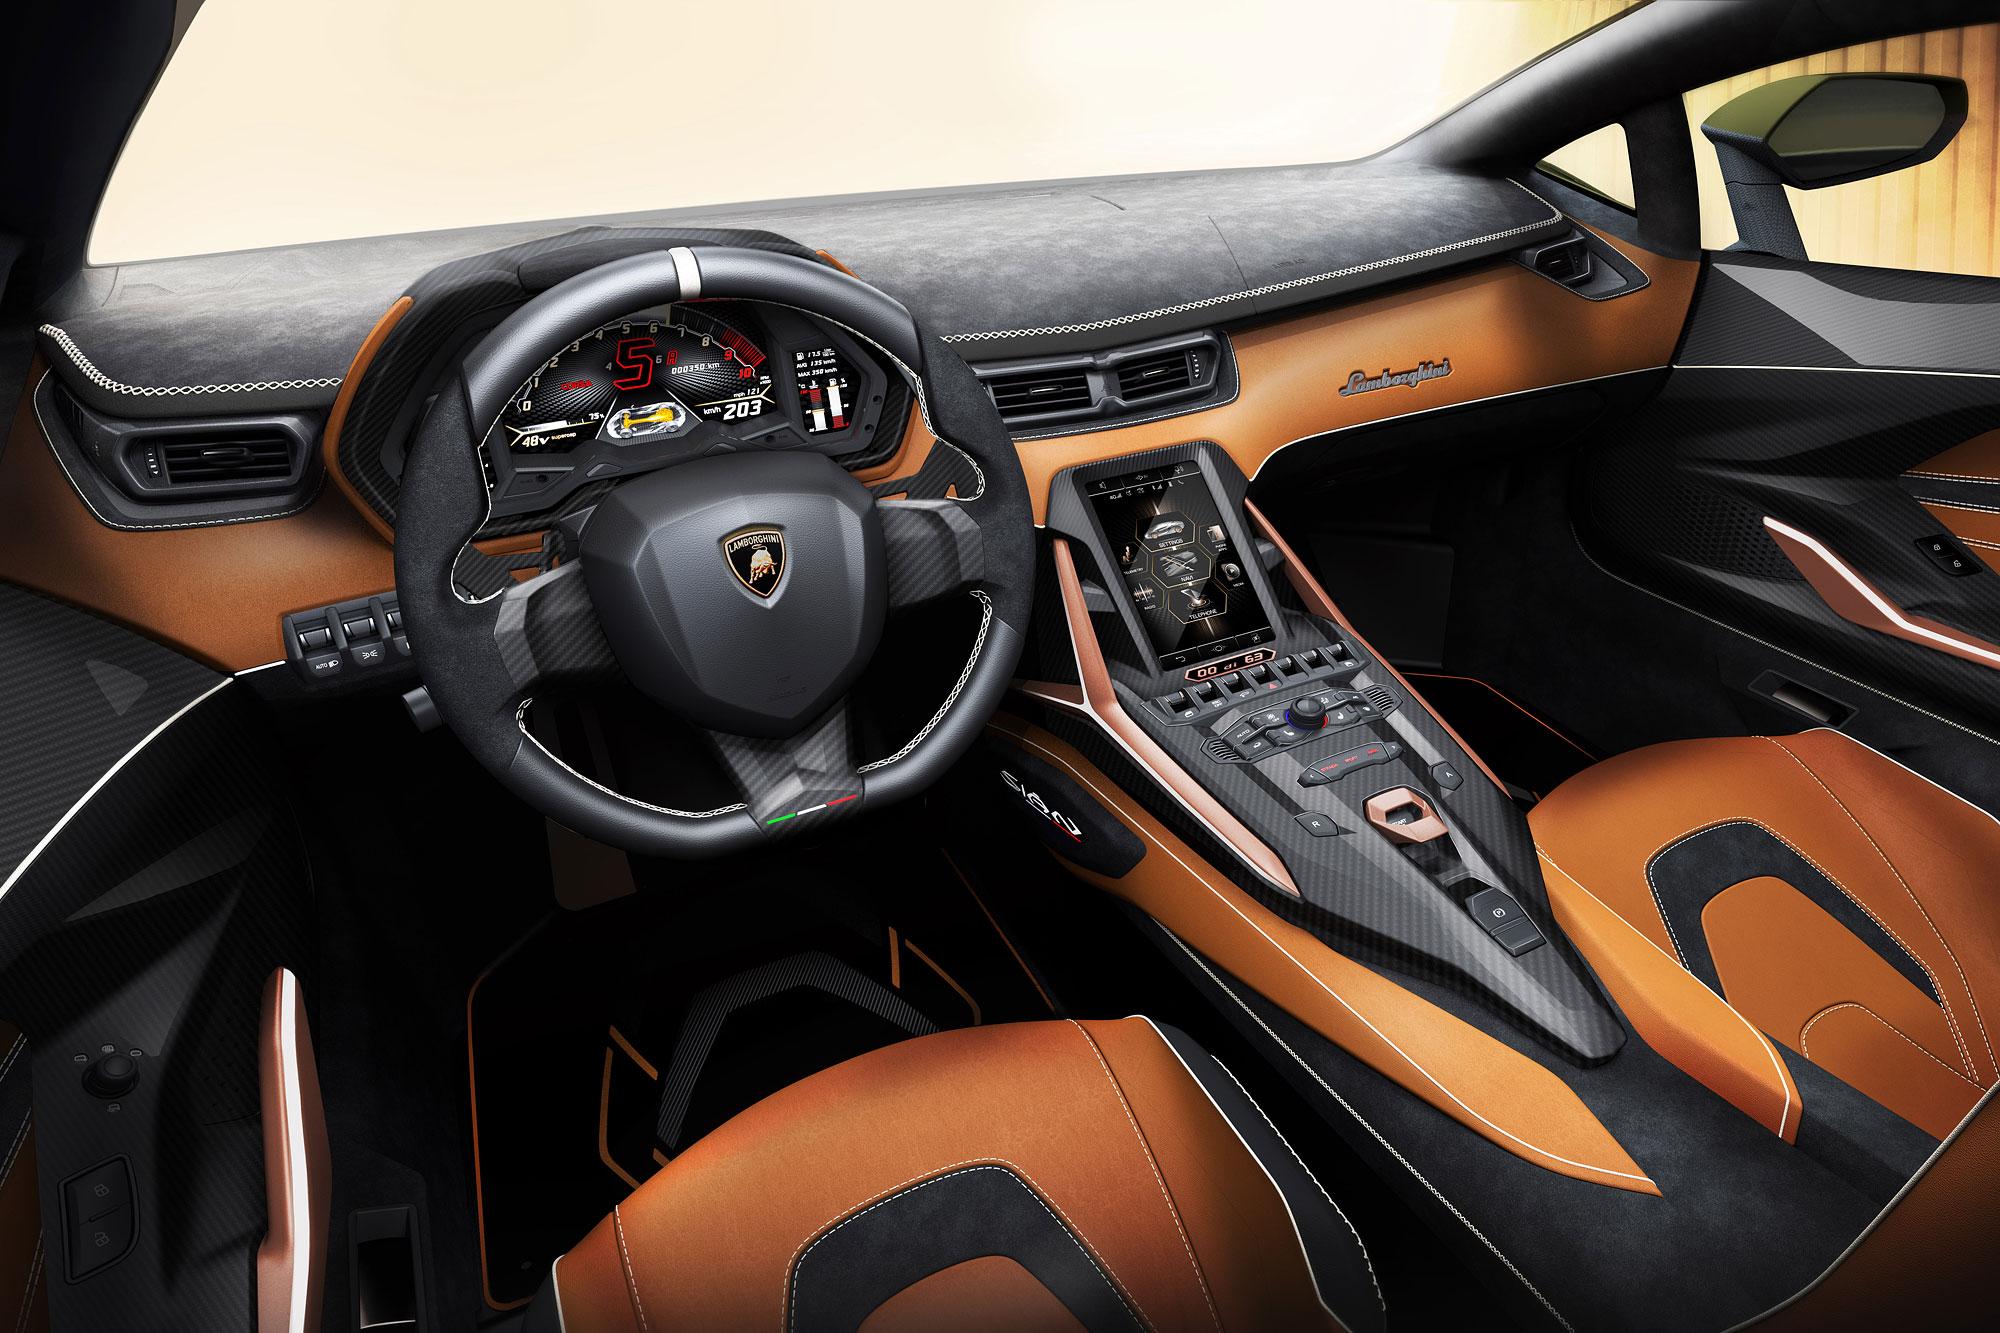 車內引入全新的 HMI 人機介面,中控台改以直立式的觸控螢幕作為操作核心。